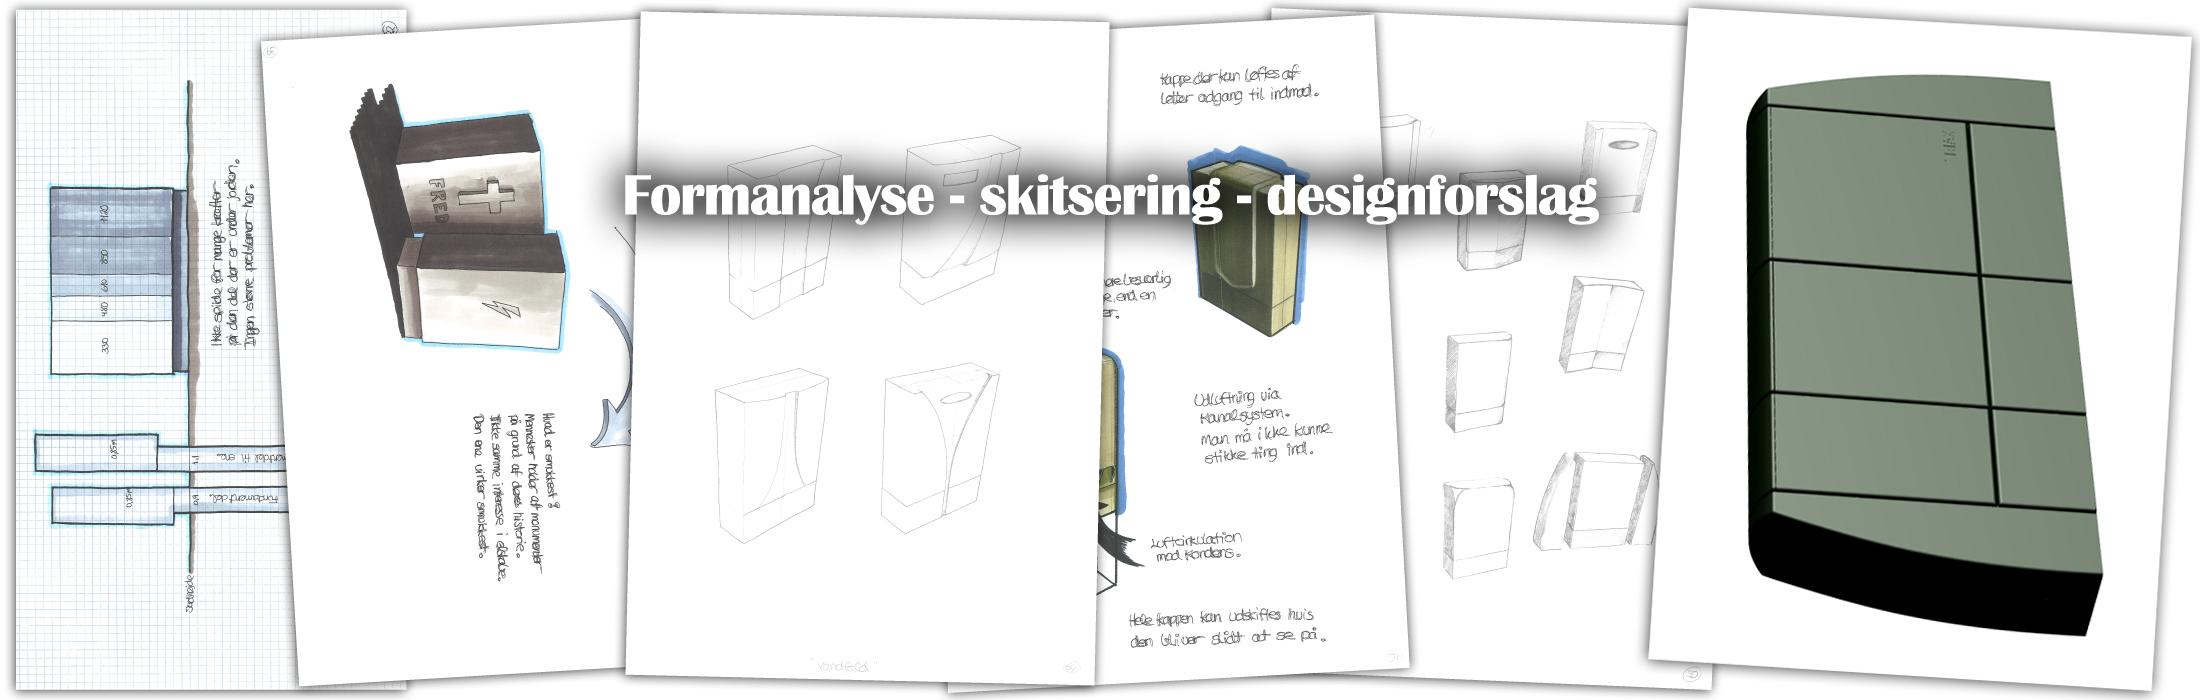 Produktudvikling-slitser-formudvikling-Triax Kabelskab koncept Industrielt Design